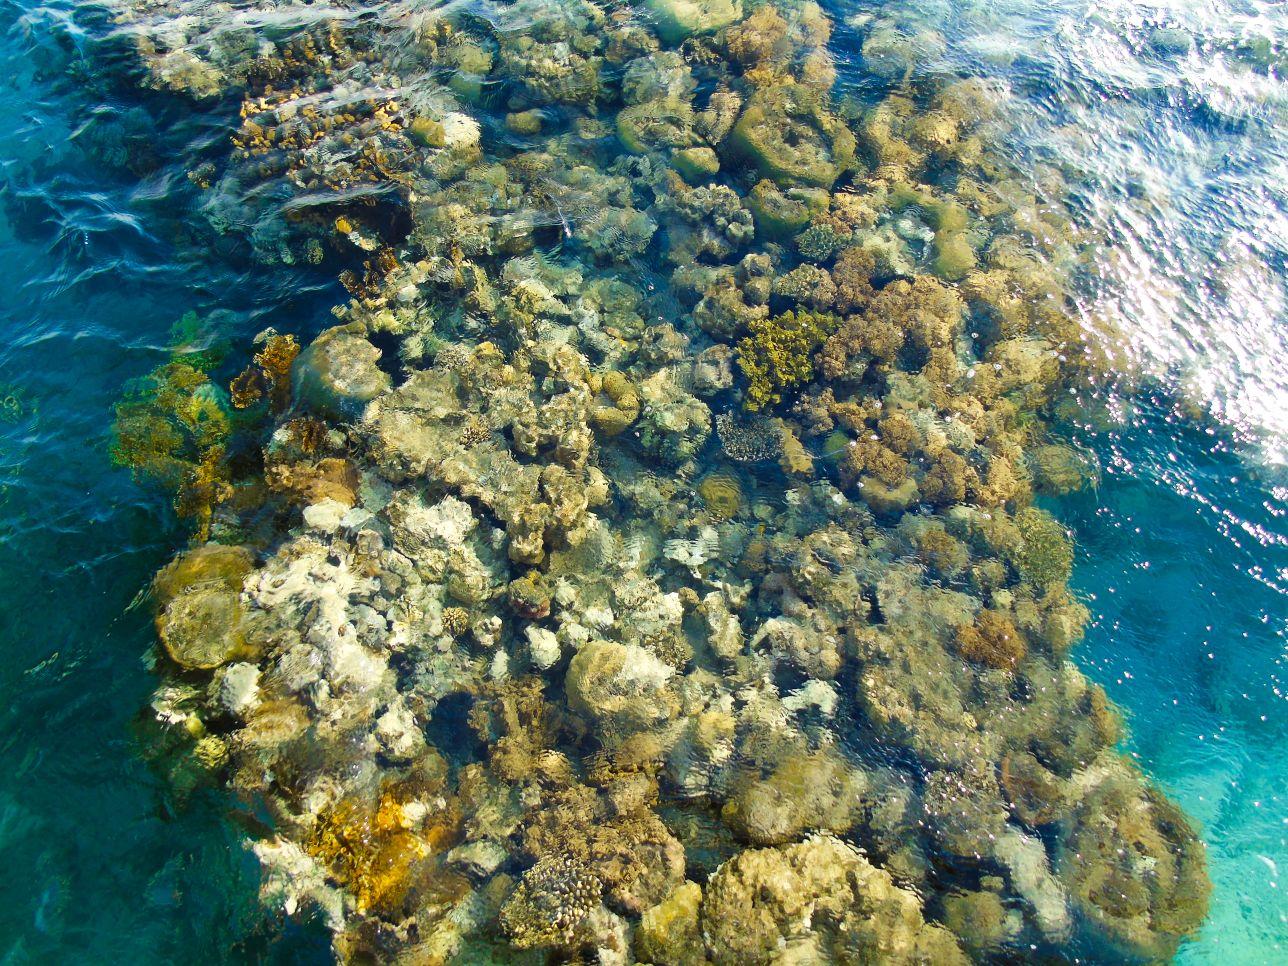 Izrael szczyci się piękną rafą koralową